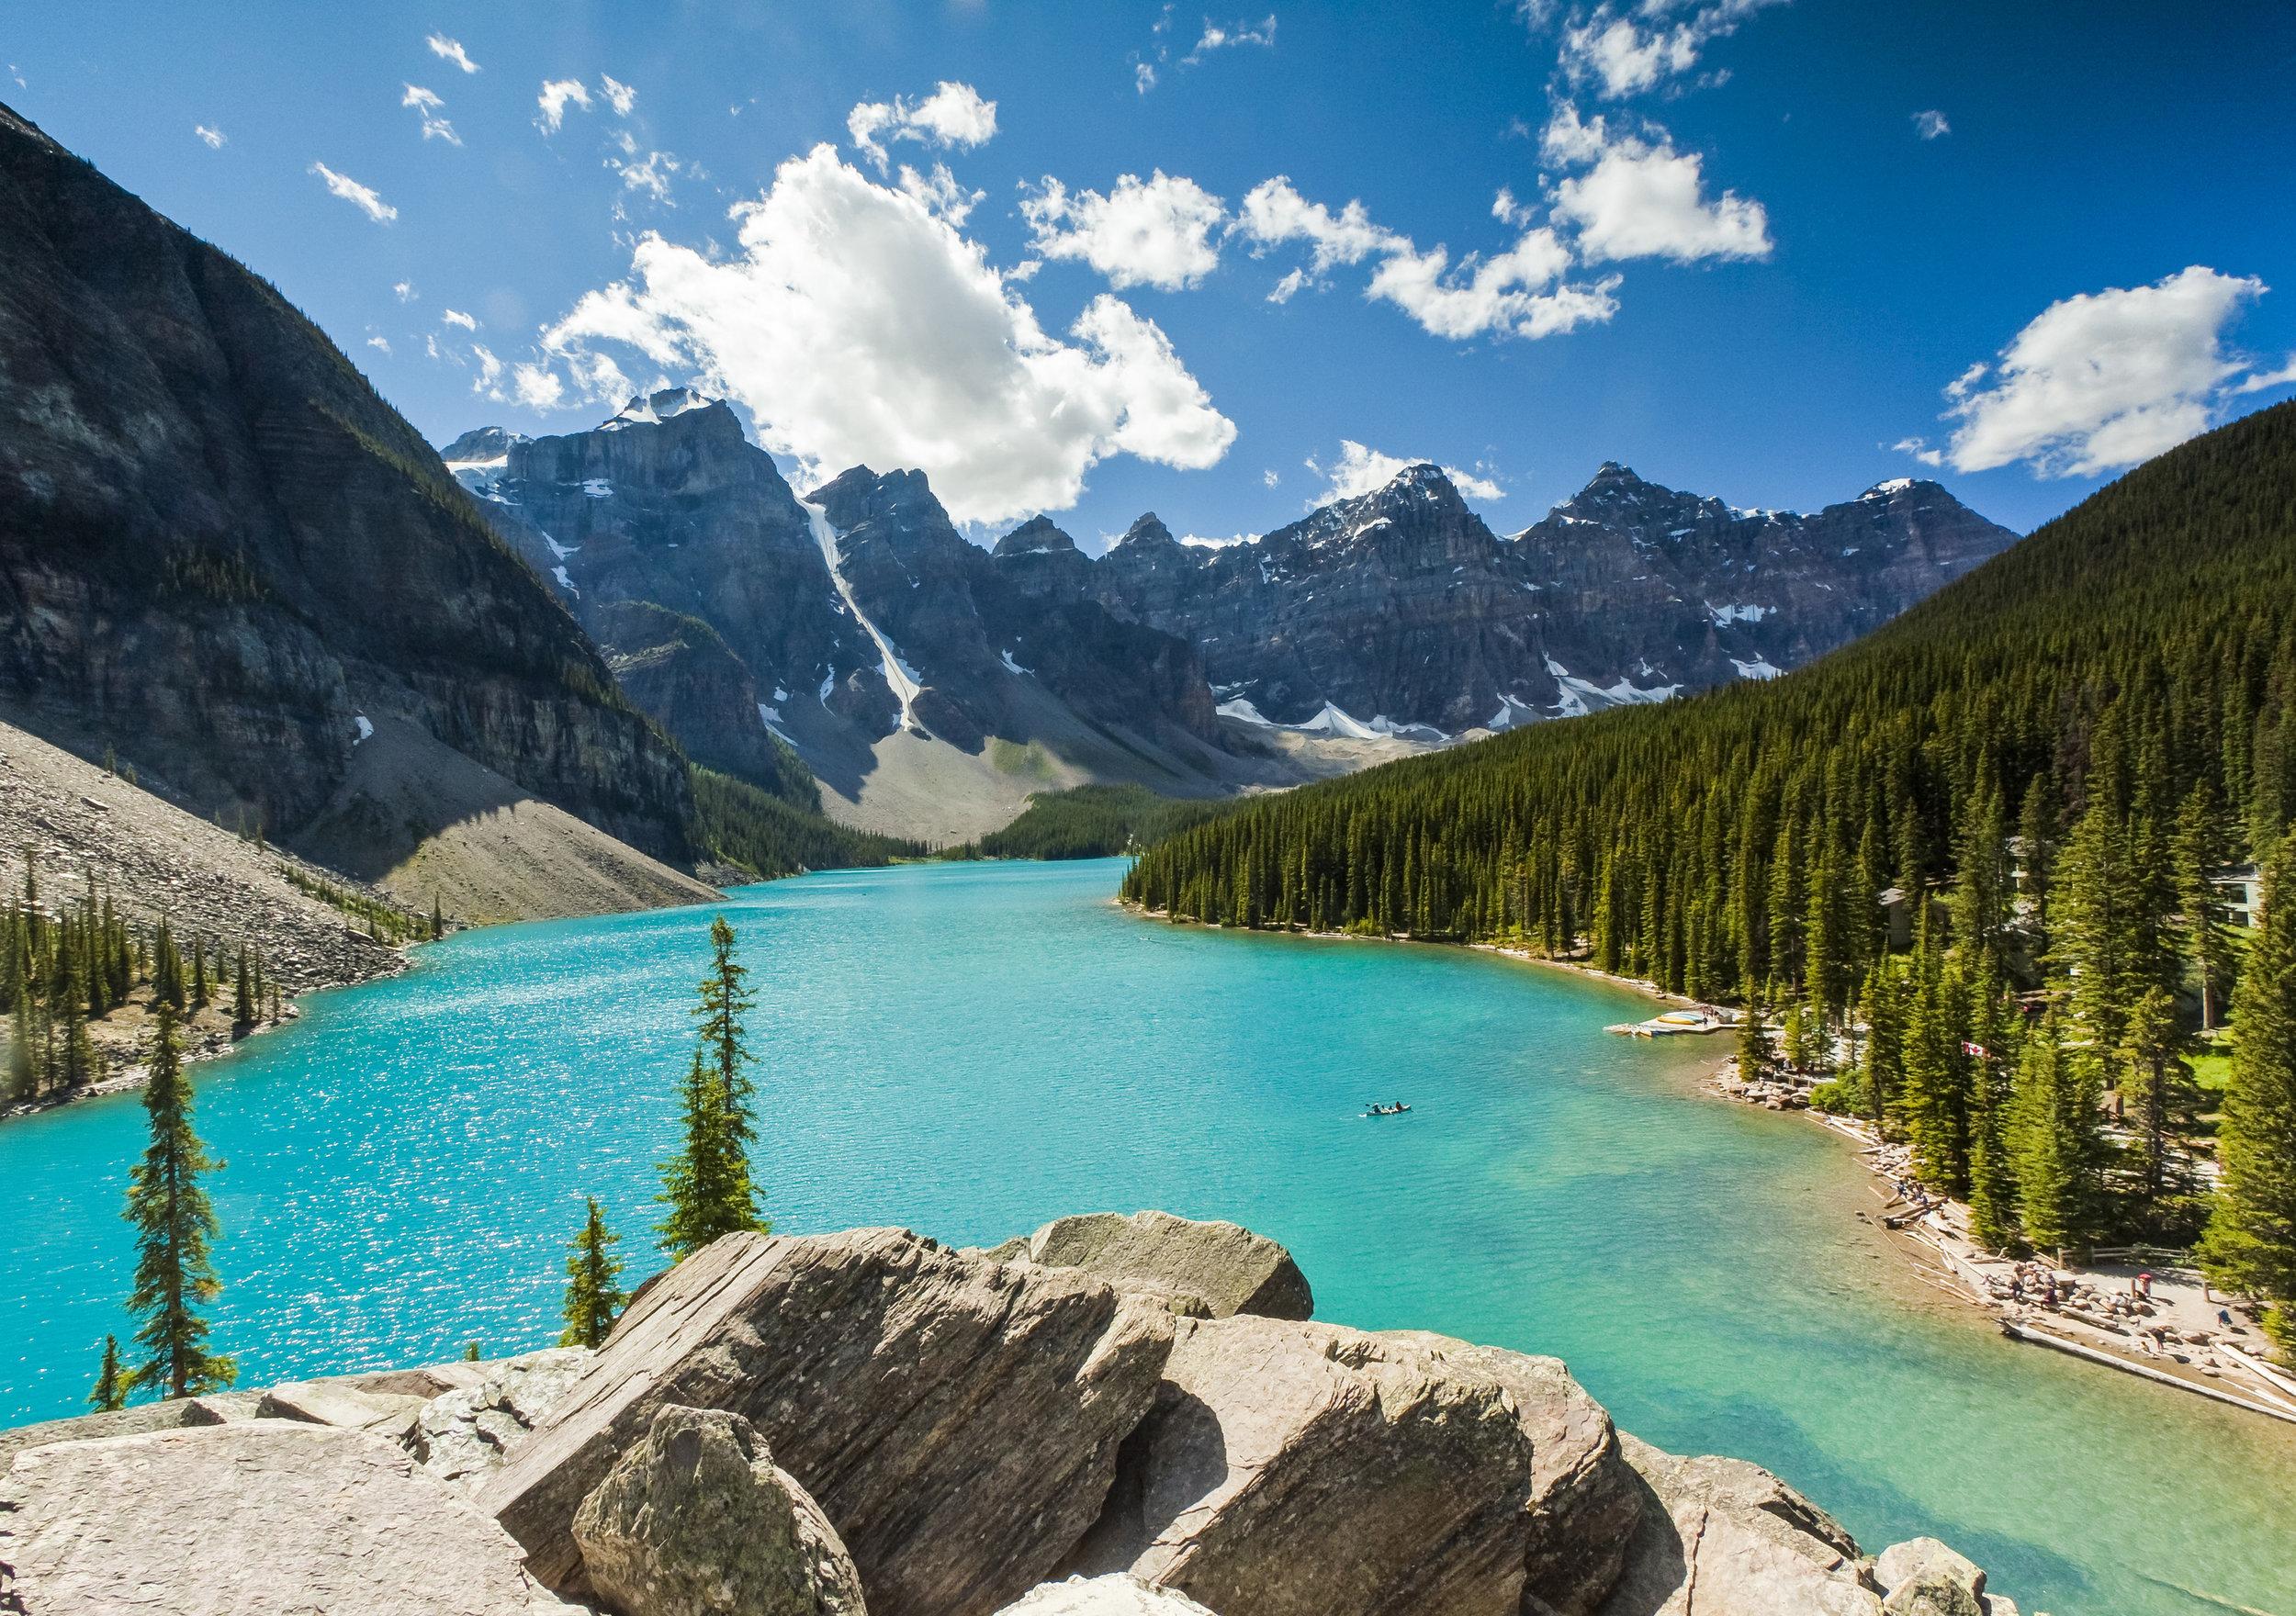 Banff camping tour at Moraine Lake